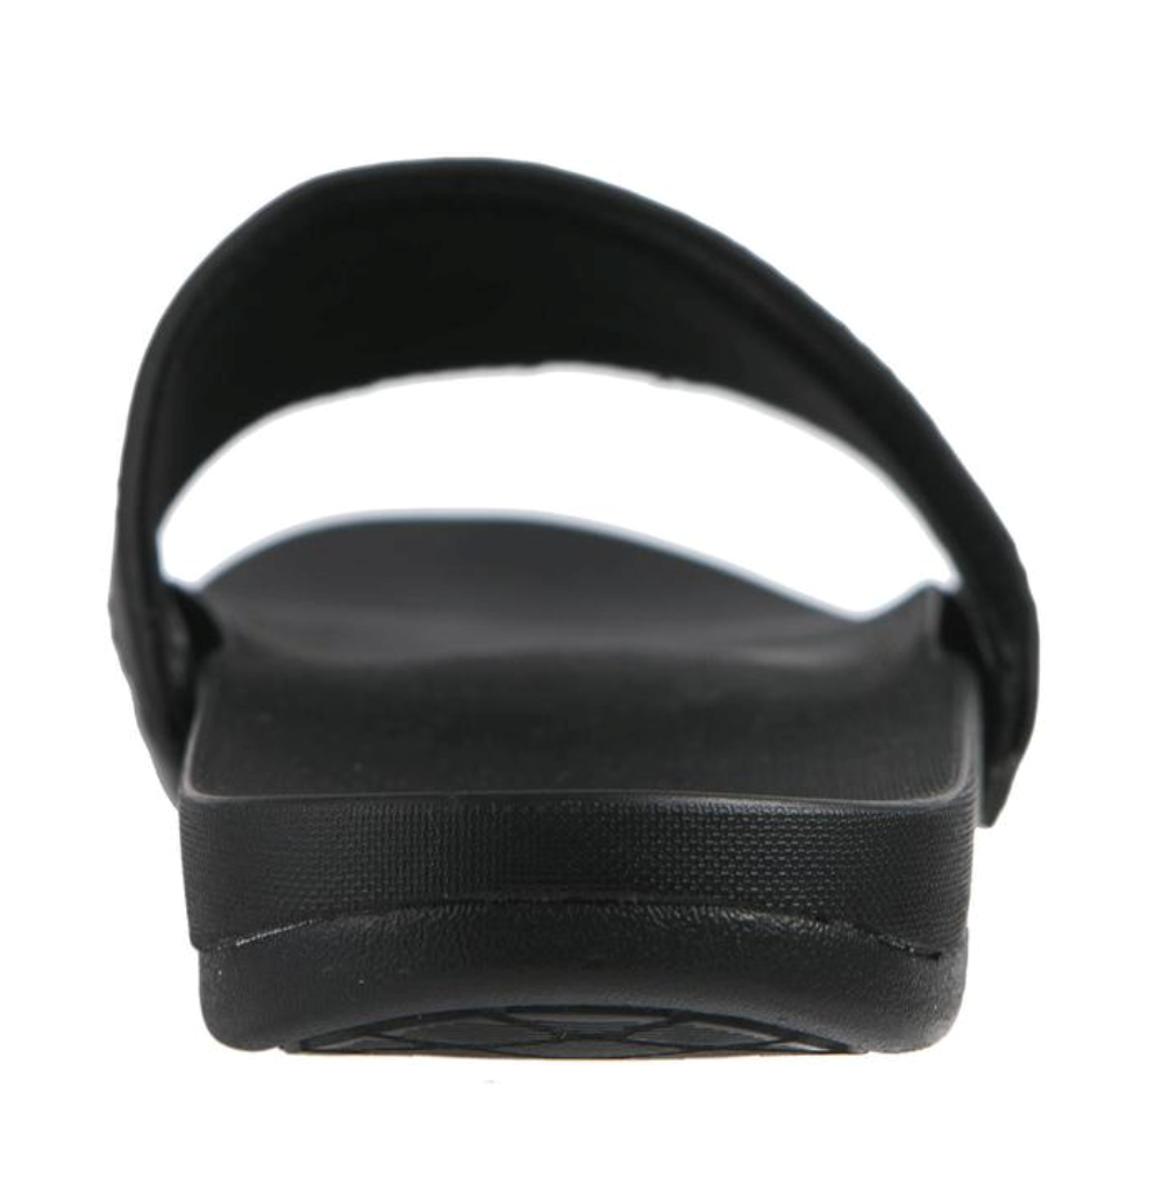 Bilde av Endurance Beting unisex slipper 1001 Black